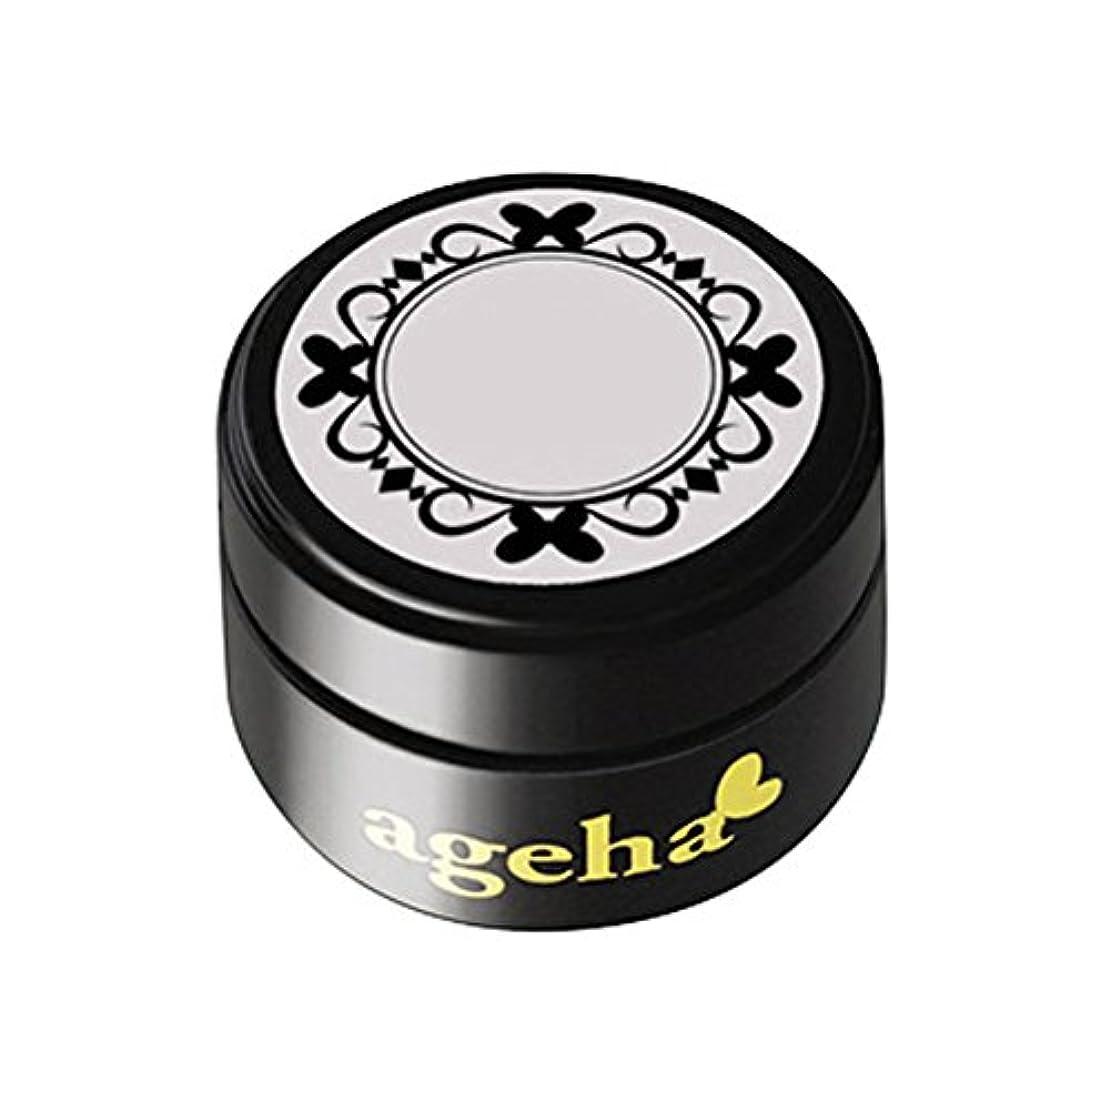 ローブ普通の所属ageha gel カラージェル コスメカラー 106 ミルクヌード 2.7g UV/LED対応